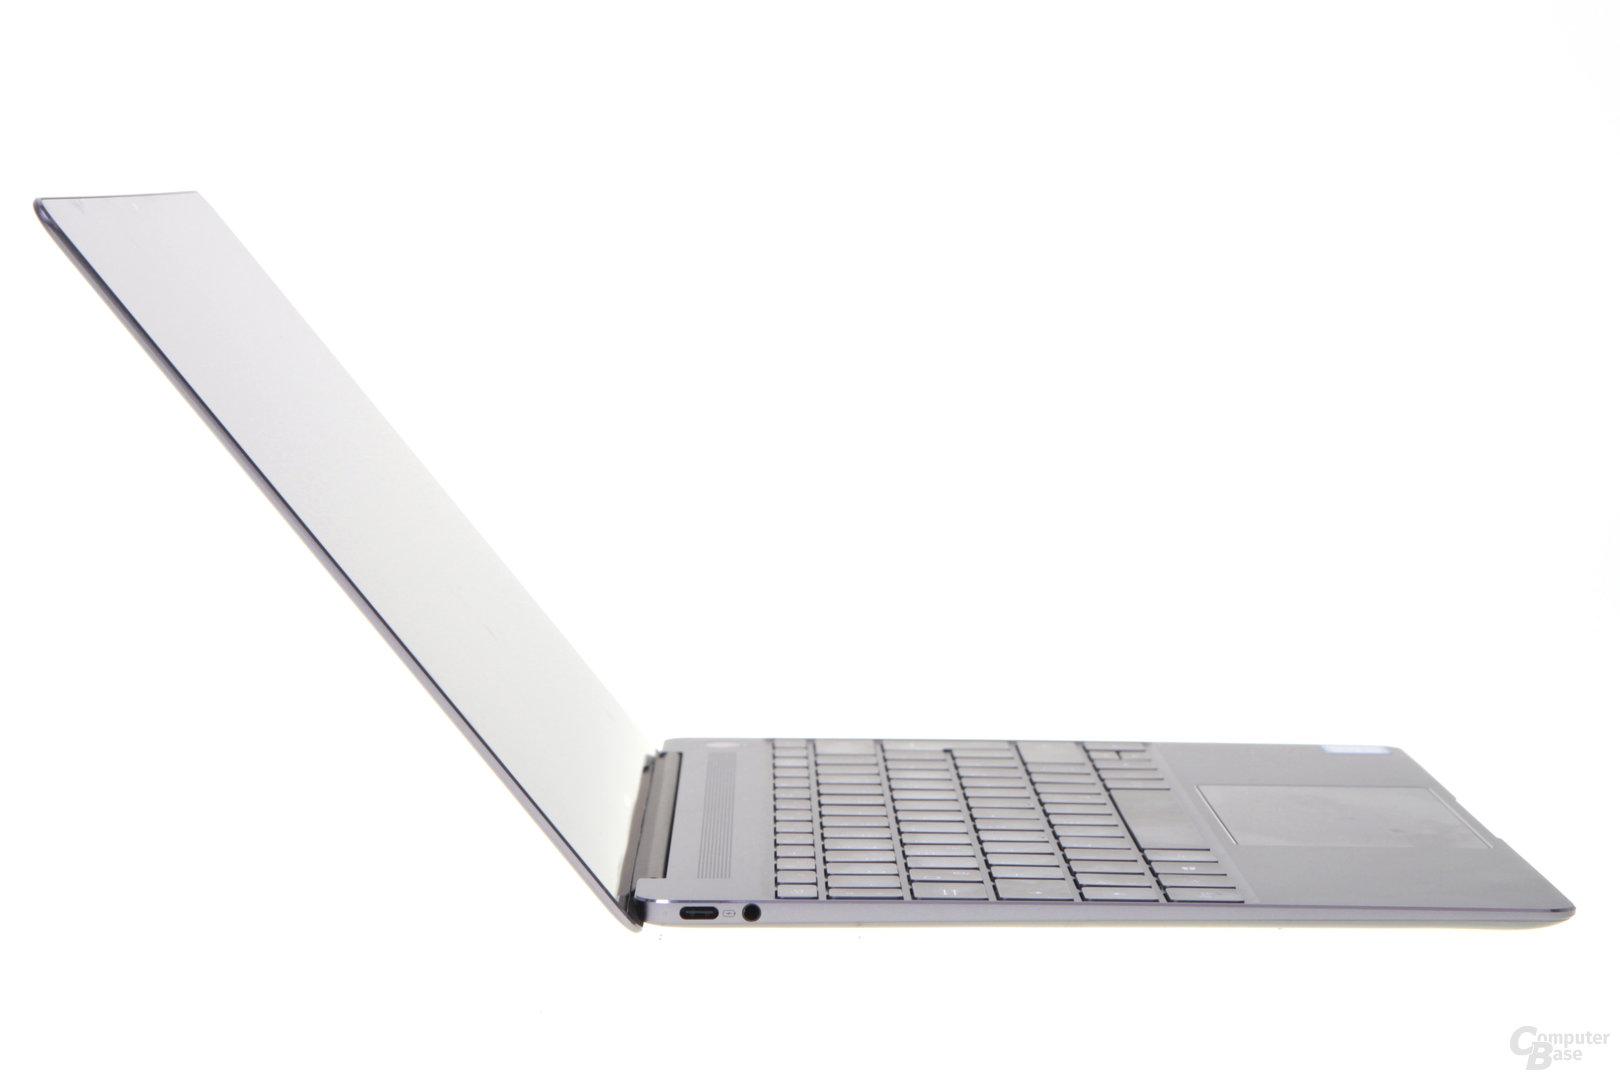 Das MateBook X vollständig geöffnet